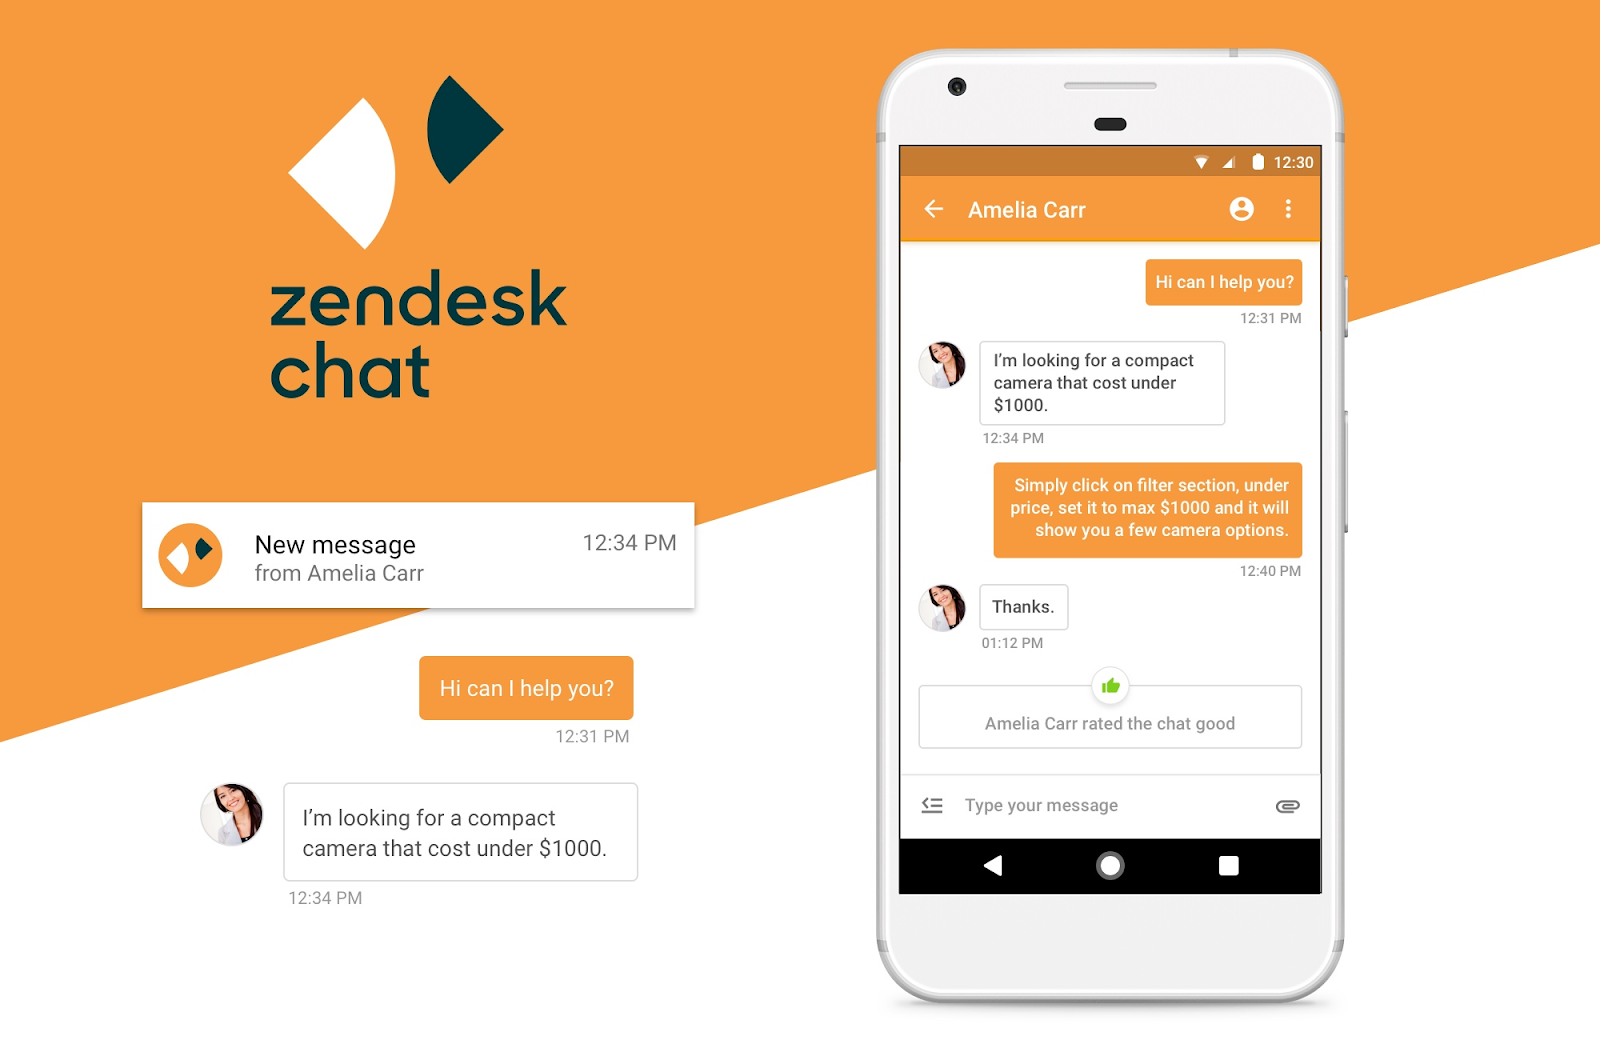 zendesk chat + meets